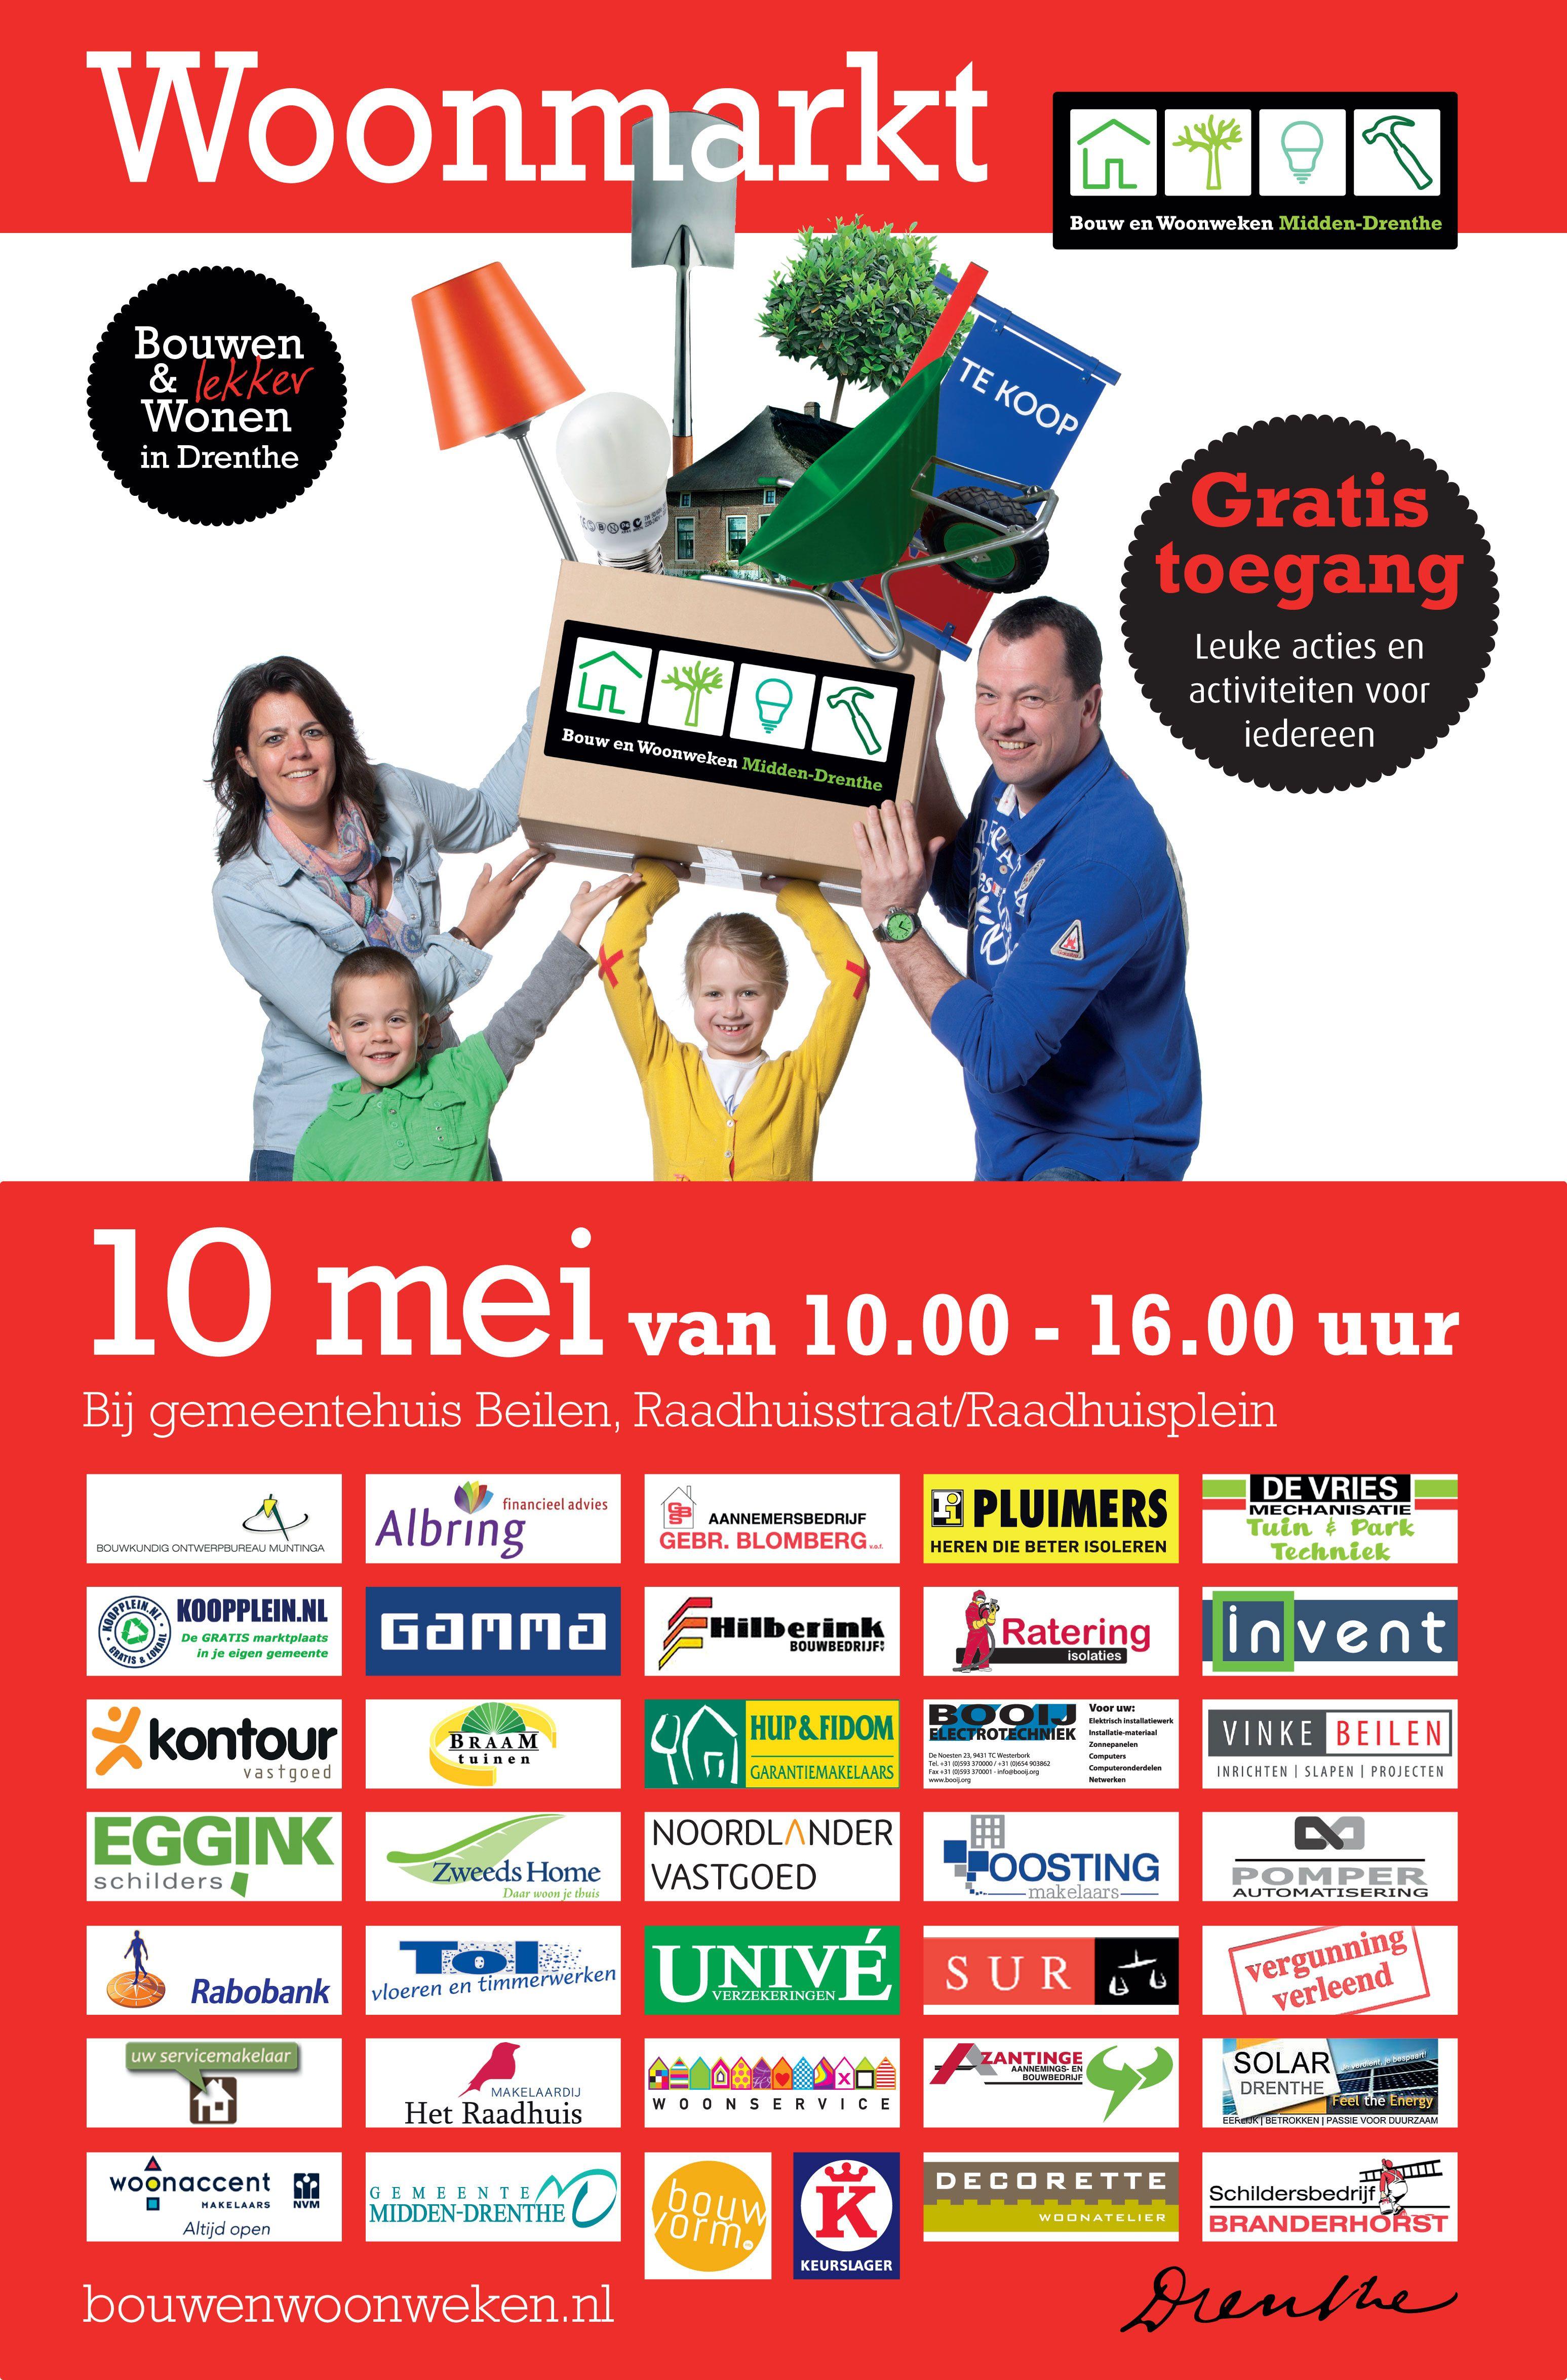 Vandaag een mooie advertentie in de Krant van Midden-Drenthe over de Woonmarkt 10 mei in het gemeentehuis in Beilen. HappySnappy, de Gouden Hand, De Hofmeester uut Drenthe en Koopplein Midden-Drenthe zullen zich hier samen presenteren met een leuke actie! http://koopplein.nl/middendrenthe/3515800/4-bedrijven-uit-beilen-samen-op-beurs-bouwen-en-wonen.html